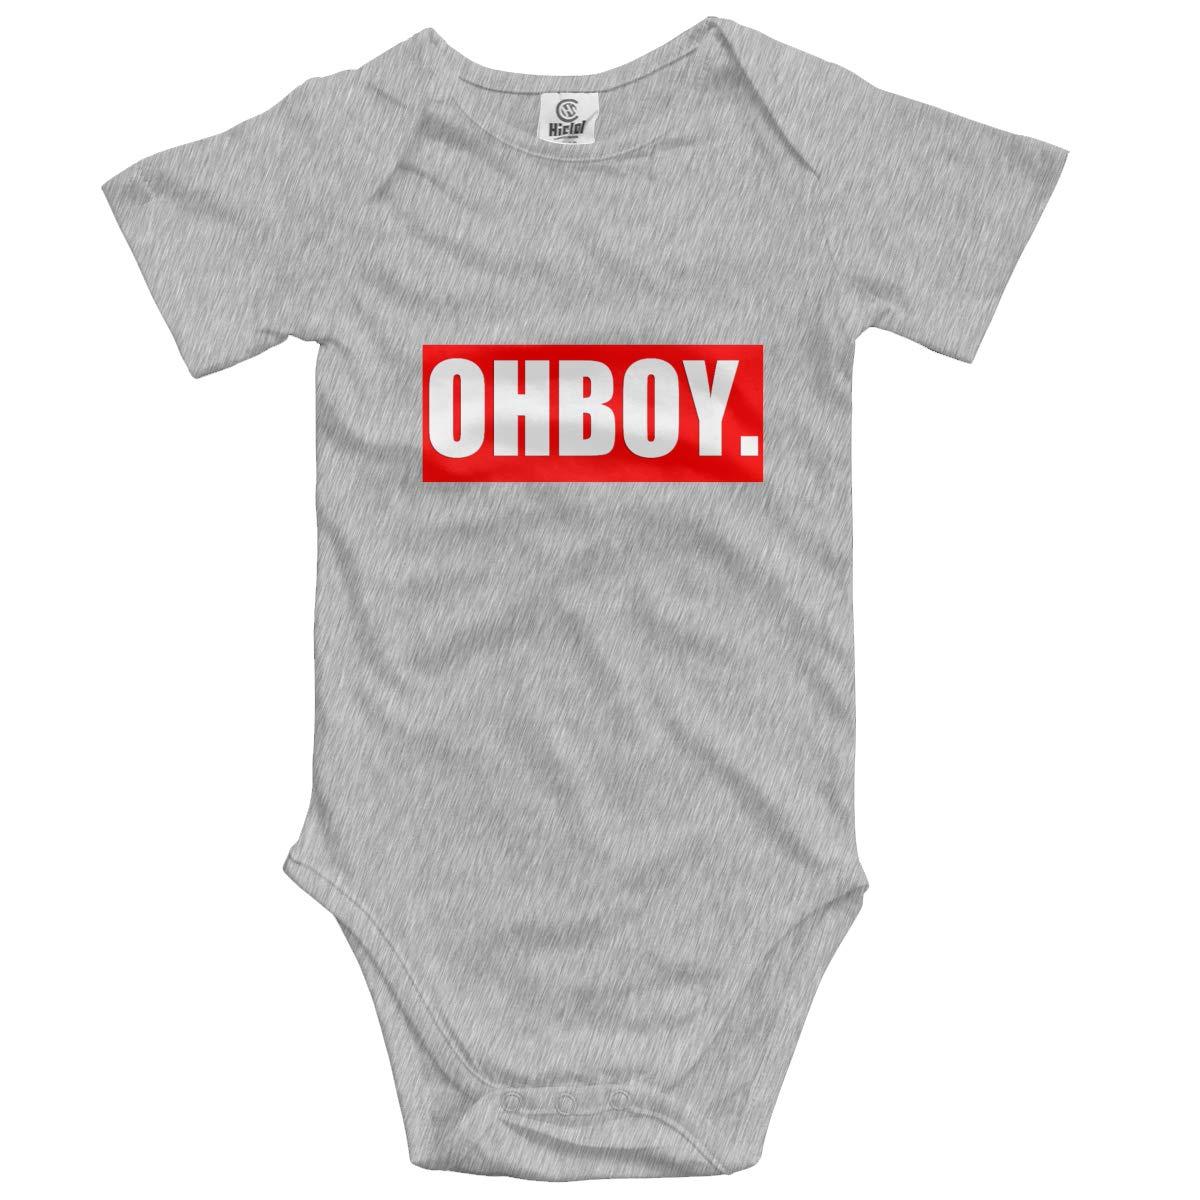 Nanagang OHBOY Babies Short Sleeves Babyclothes Lovely Gray